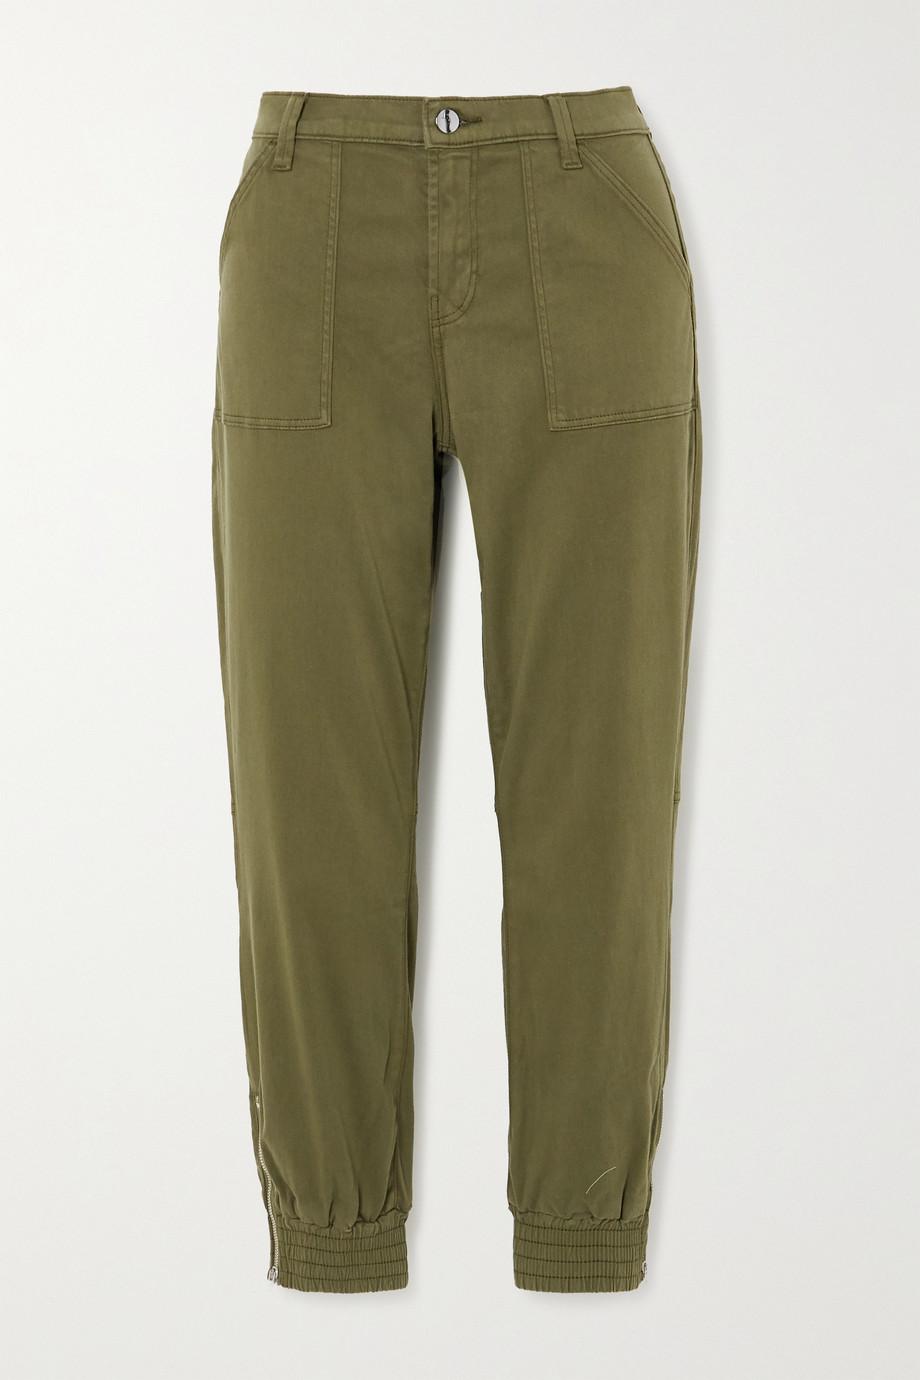 J Brand Pantalon de survêtement en satinette de coton mélangé Arkin